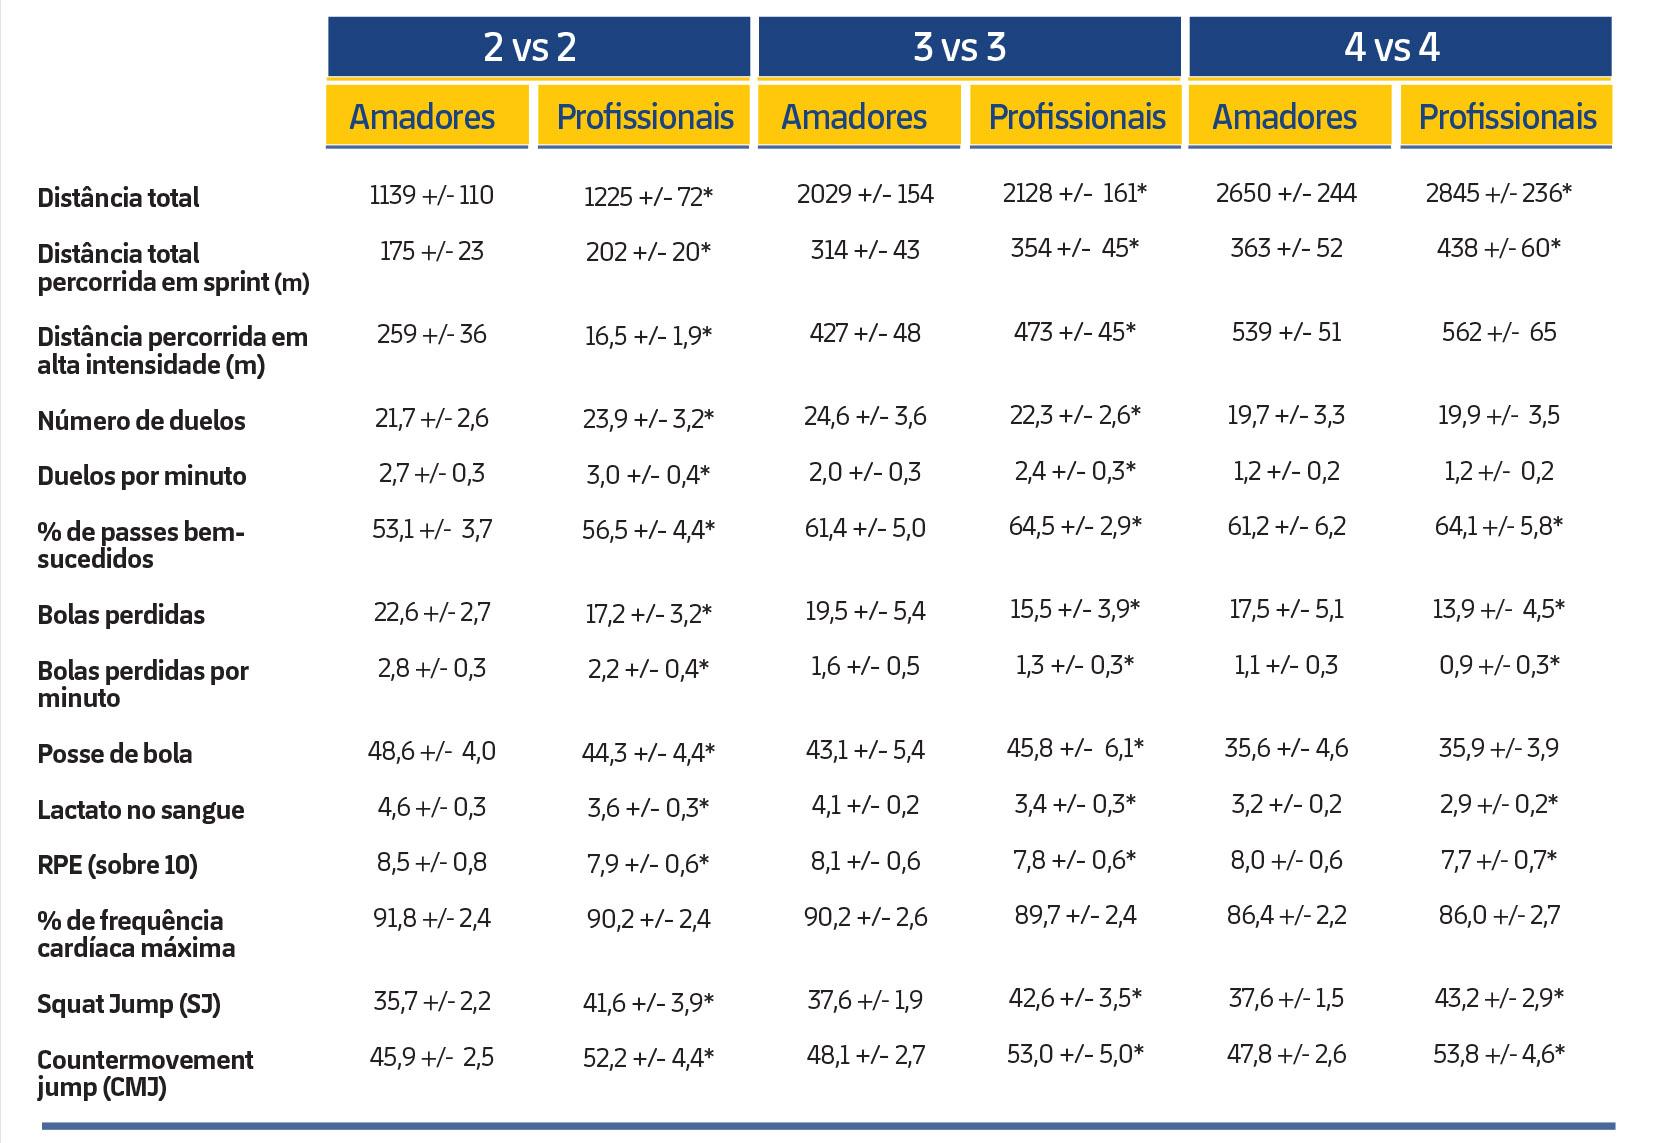 Tabela 2. Respostas fisiológicas e atividades técnico-táticas e físicas durante um jogo 2 contra 2, 3 vs. 3 e 4 vs. 4 em jogadores amadores e profissionais. *Diferenças significativas.A RPE, o SJ e o CMJ foram medidos imediatamente após cada exercício. Os níveis de lactato no sangue foram coletados após três minutos do fim de cada tarefa.